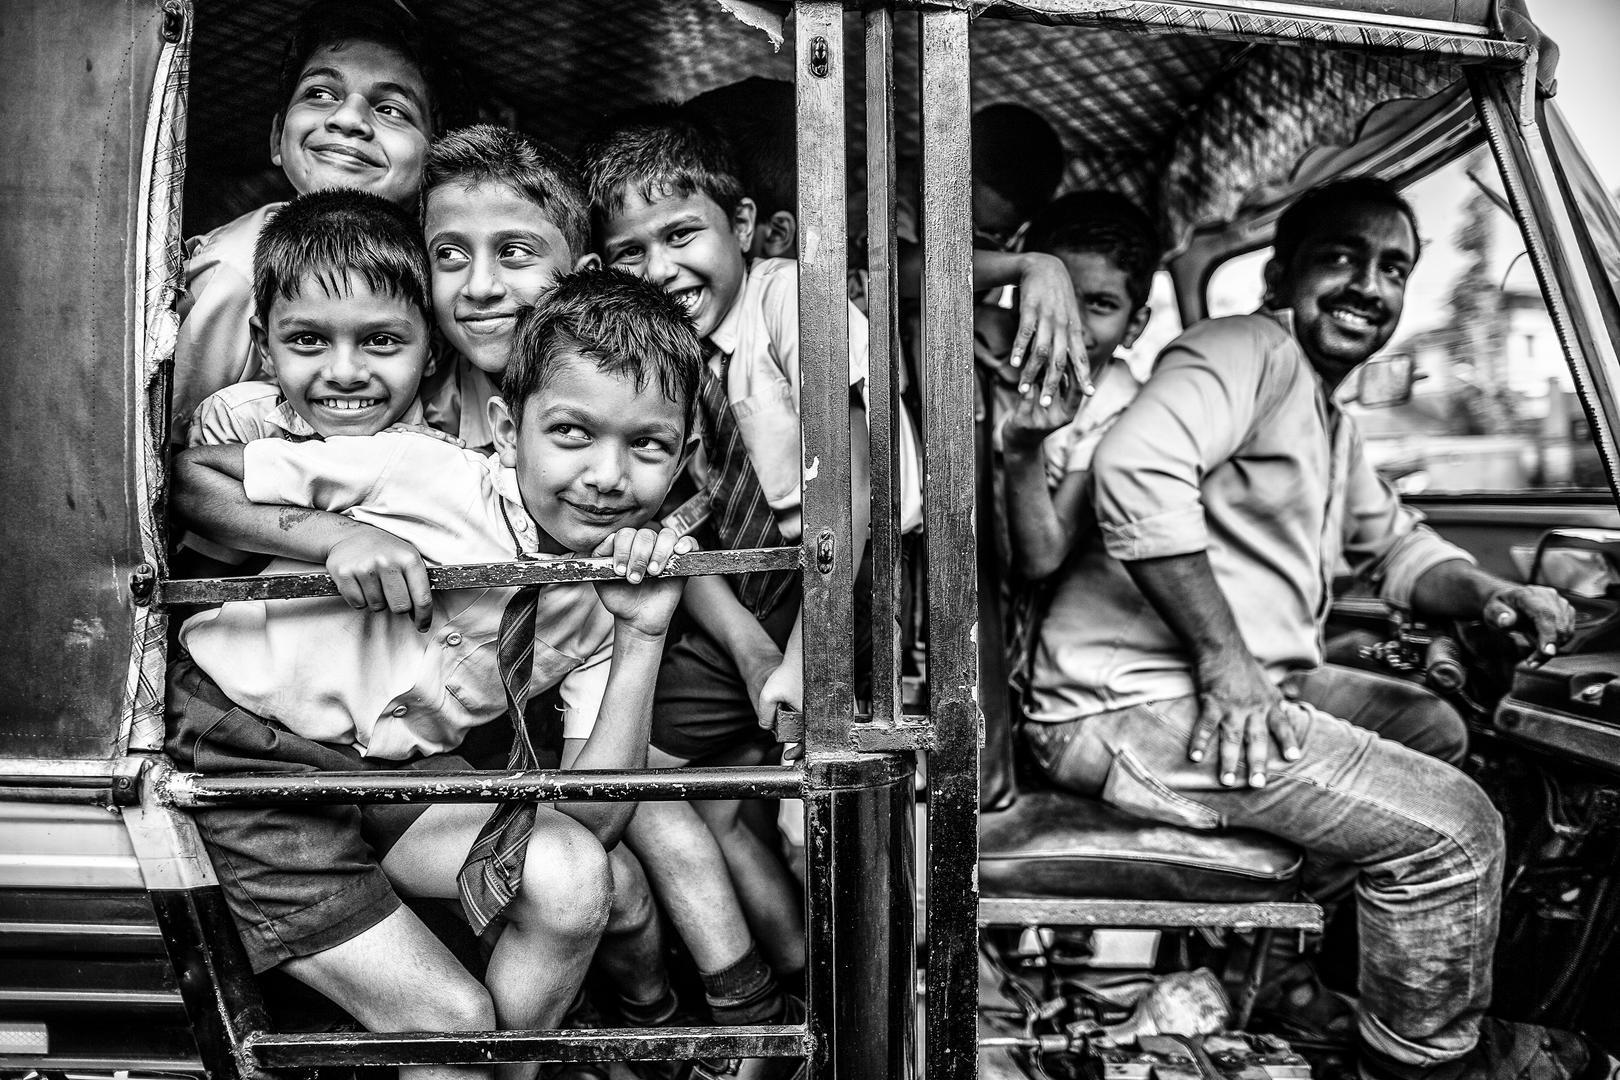 Фургон «Тук-тук», © Марко Тальярино, 4 место зрительного голосования, Фотофестиваль FIX